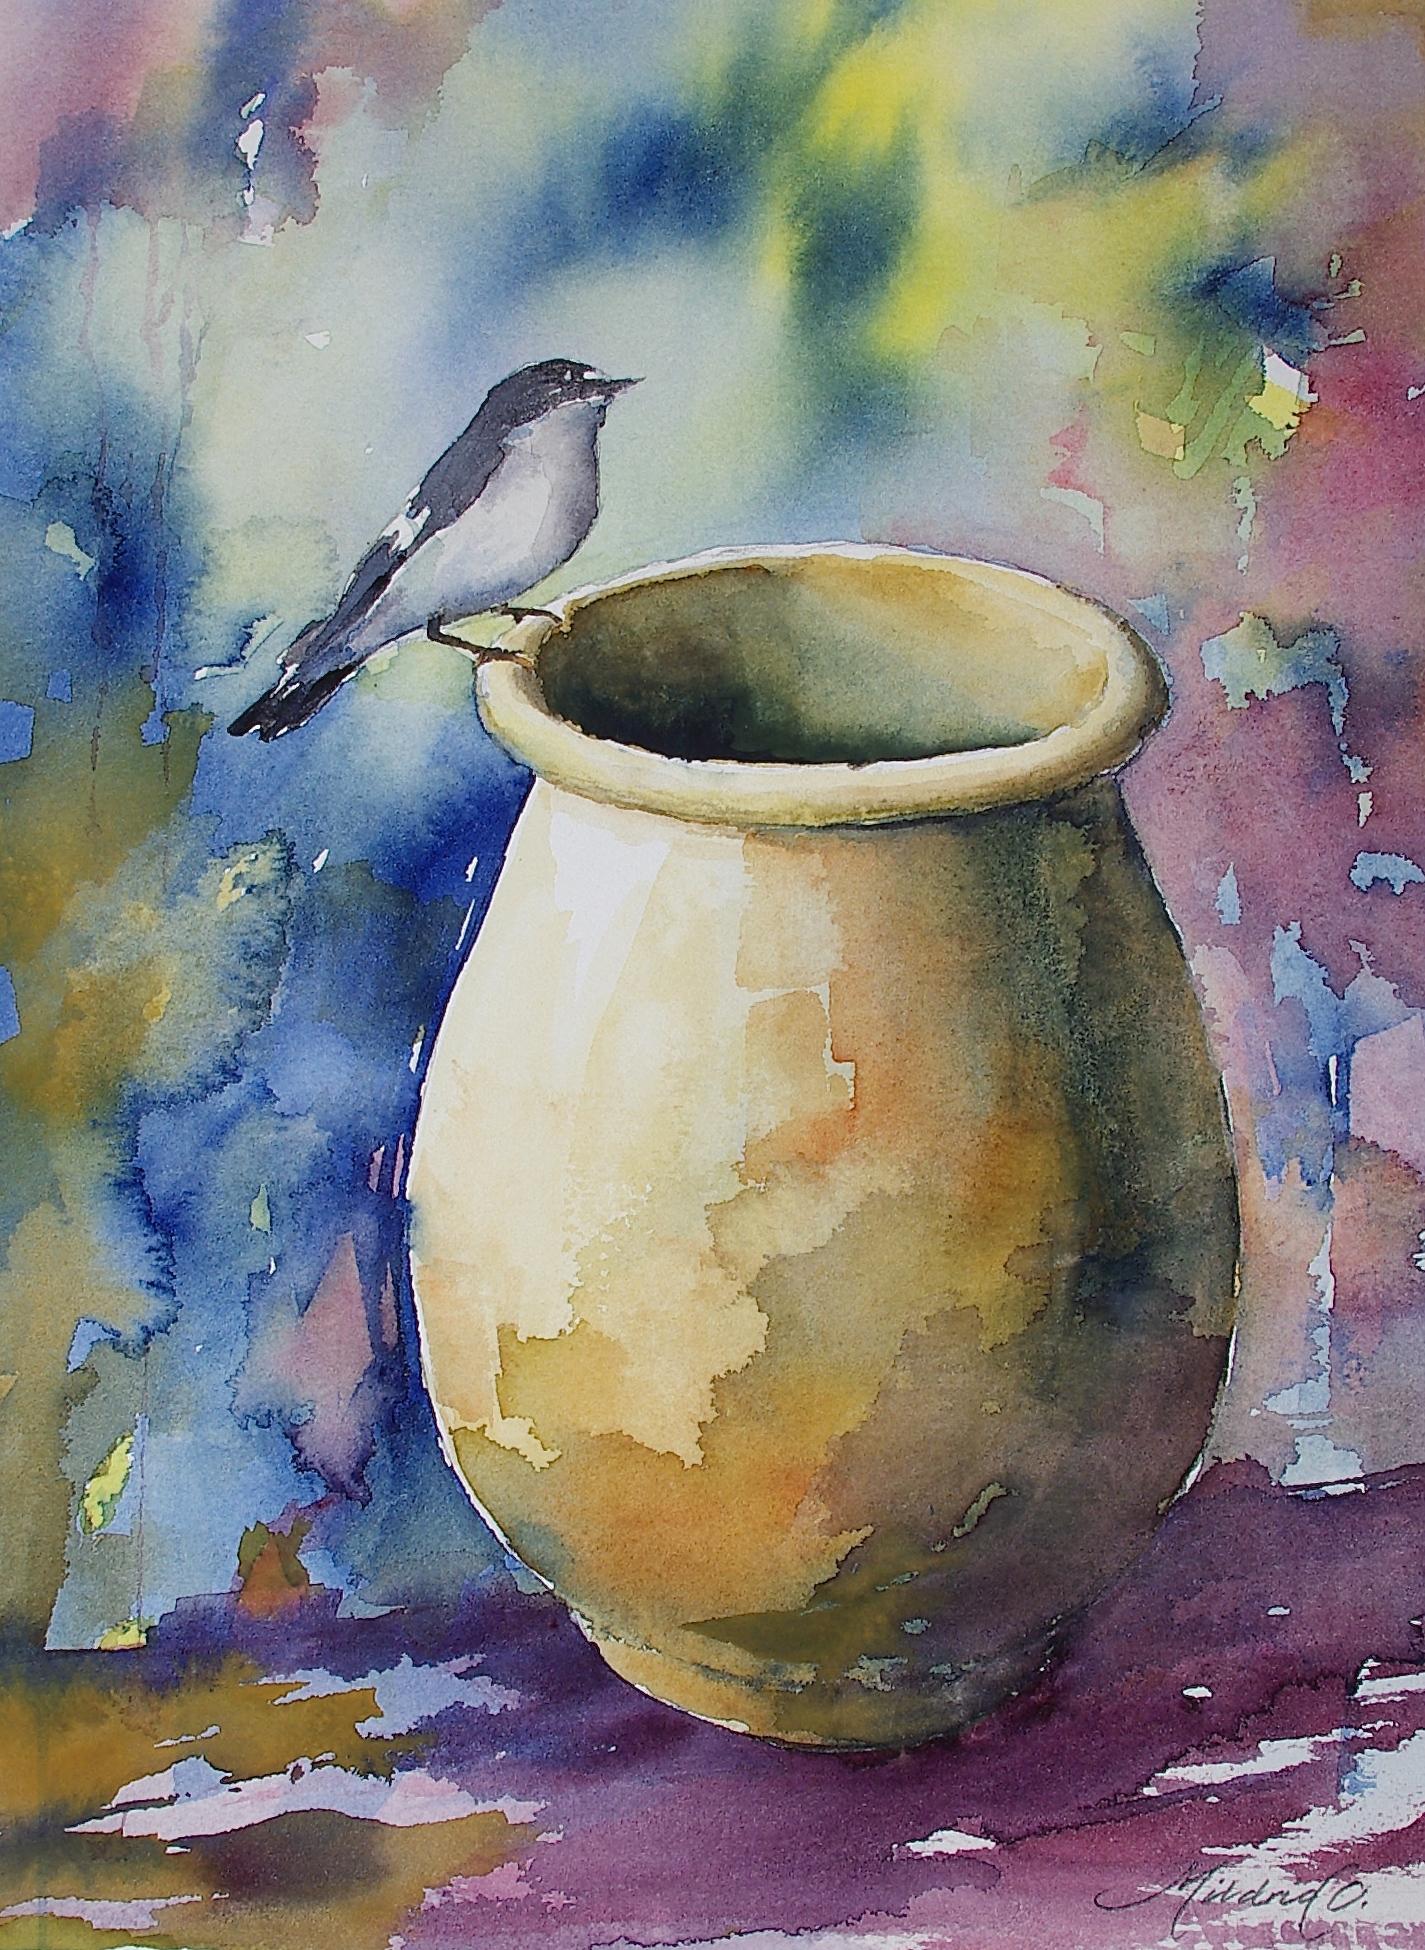 Fuglen og krukka